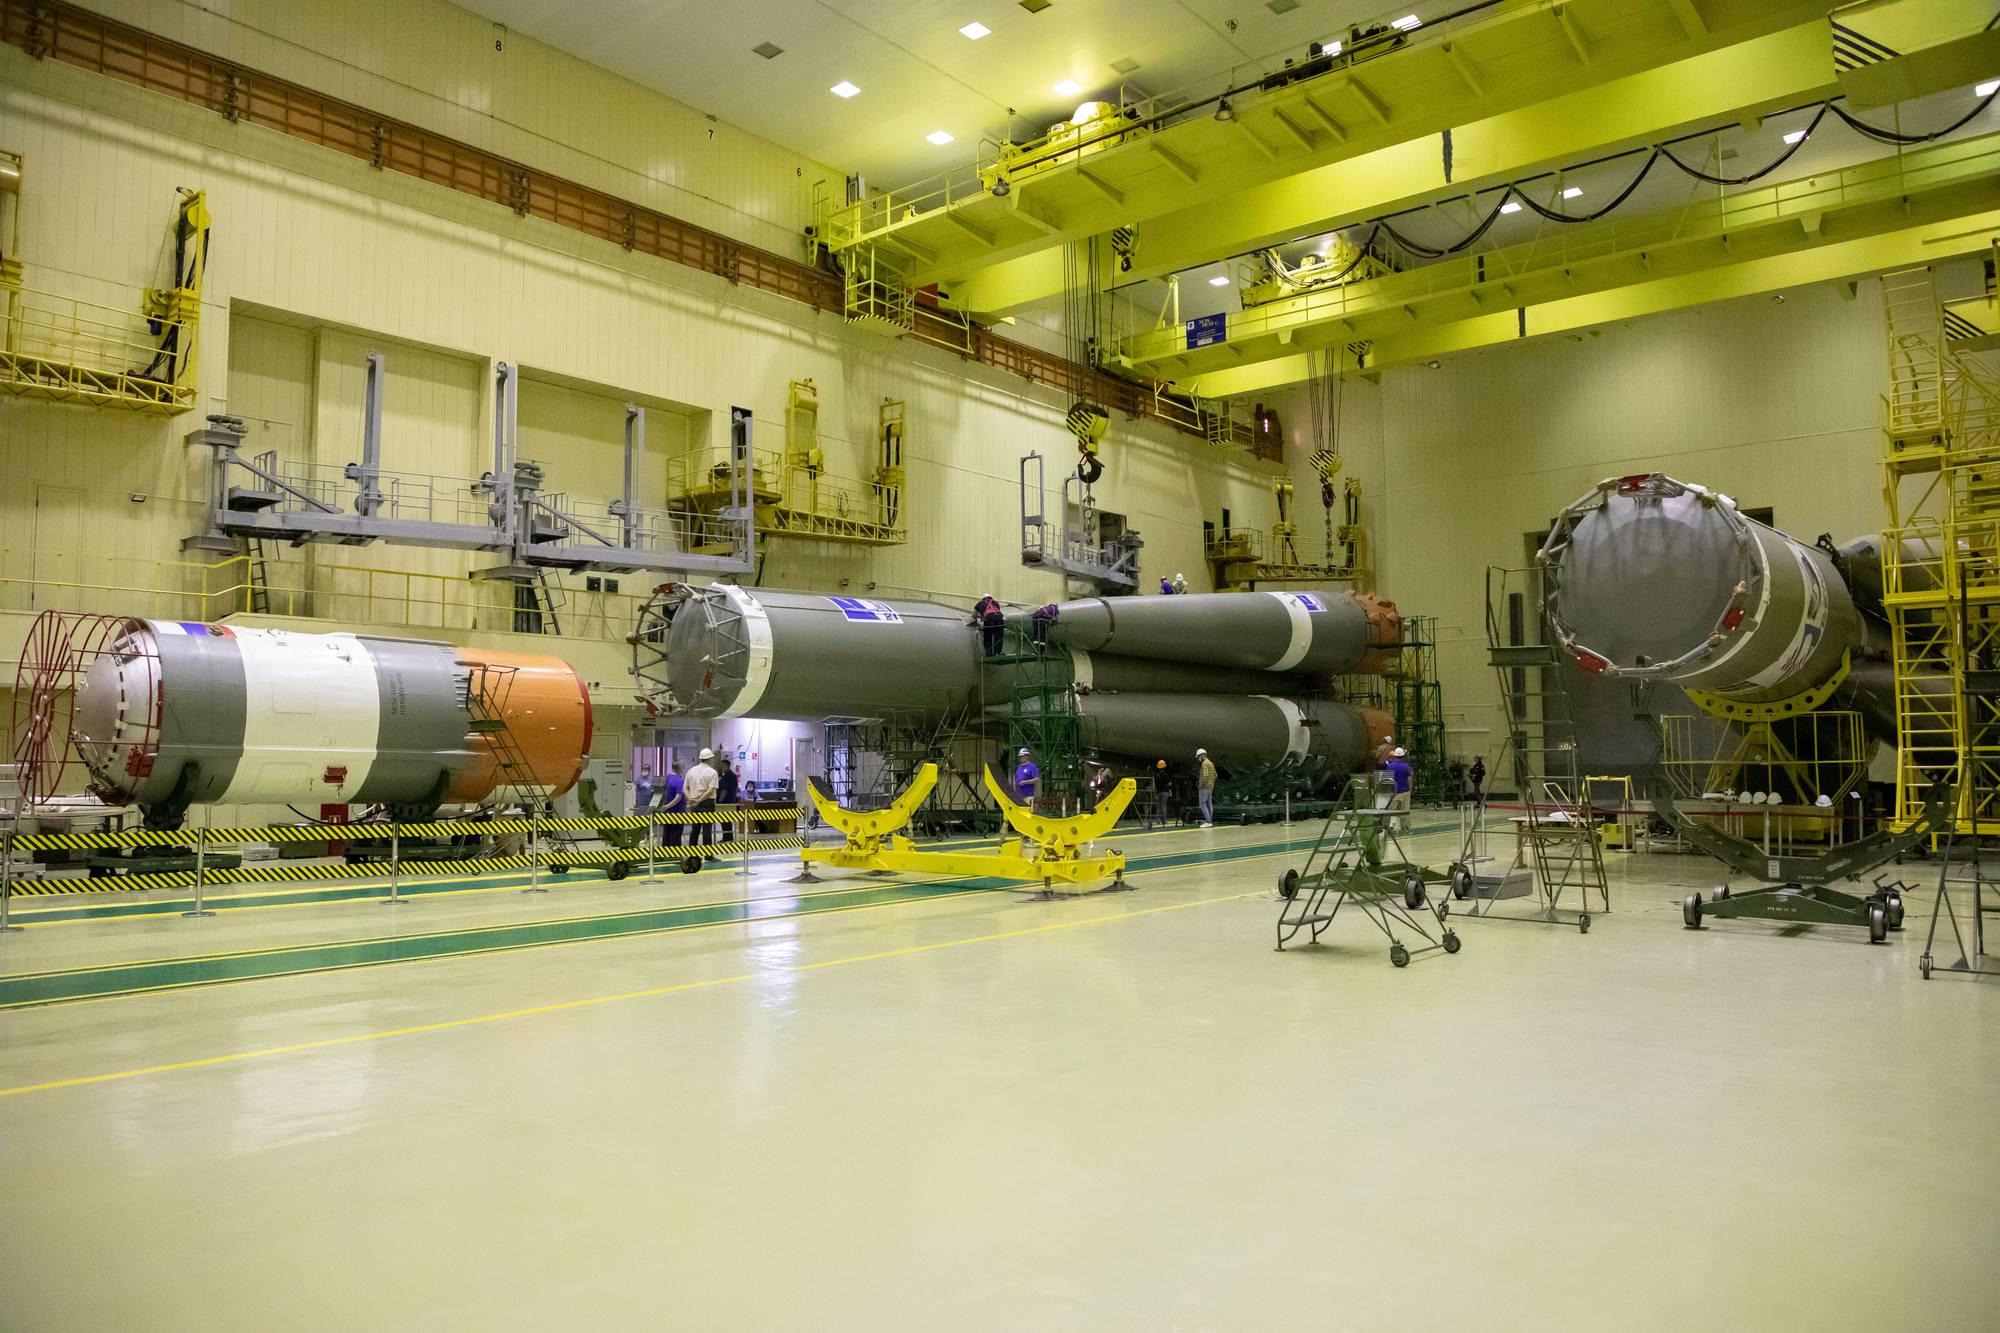 Les deux lanceurs pour les prochaines missions OneWeb sont visibles sur cette image.